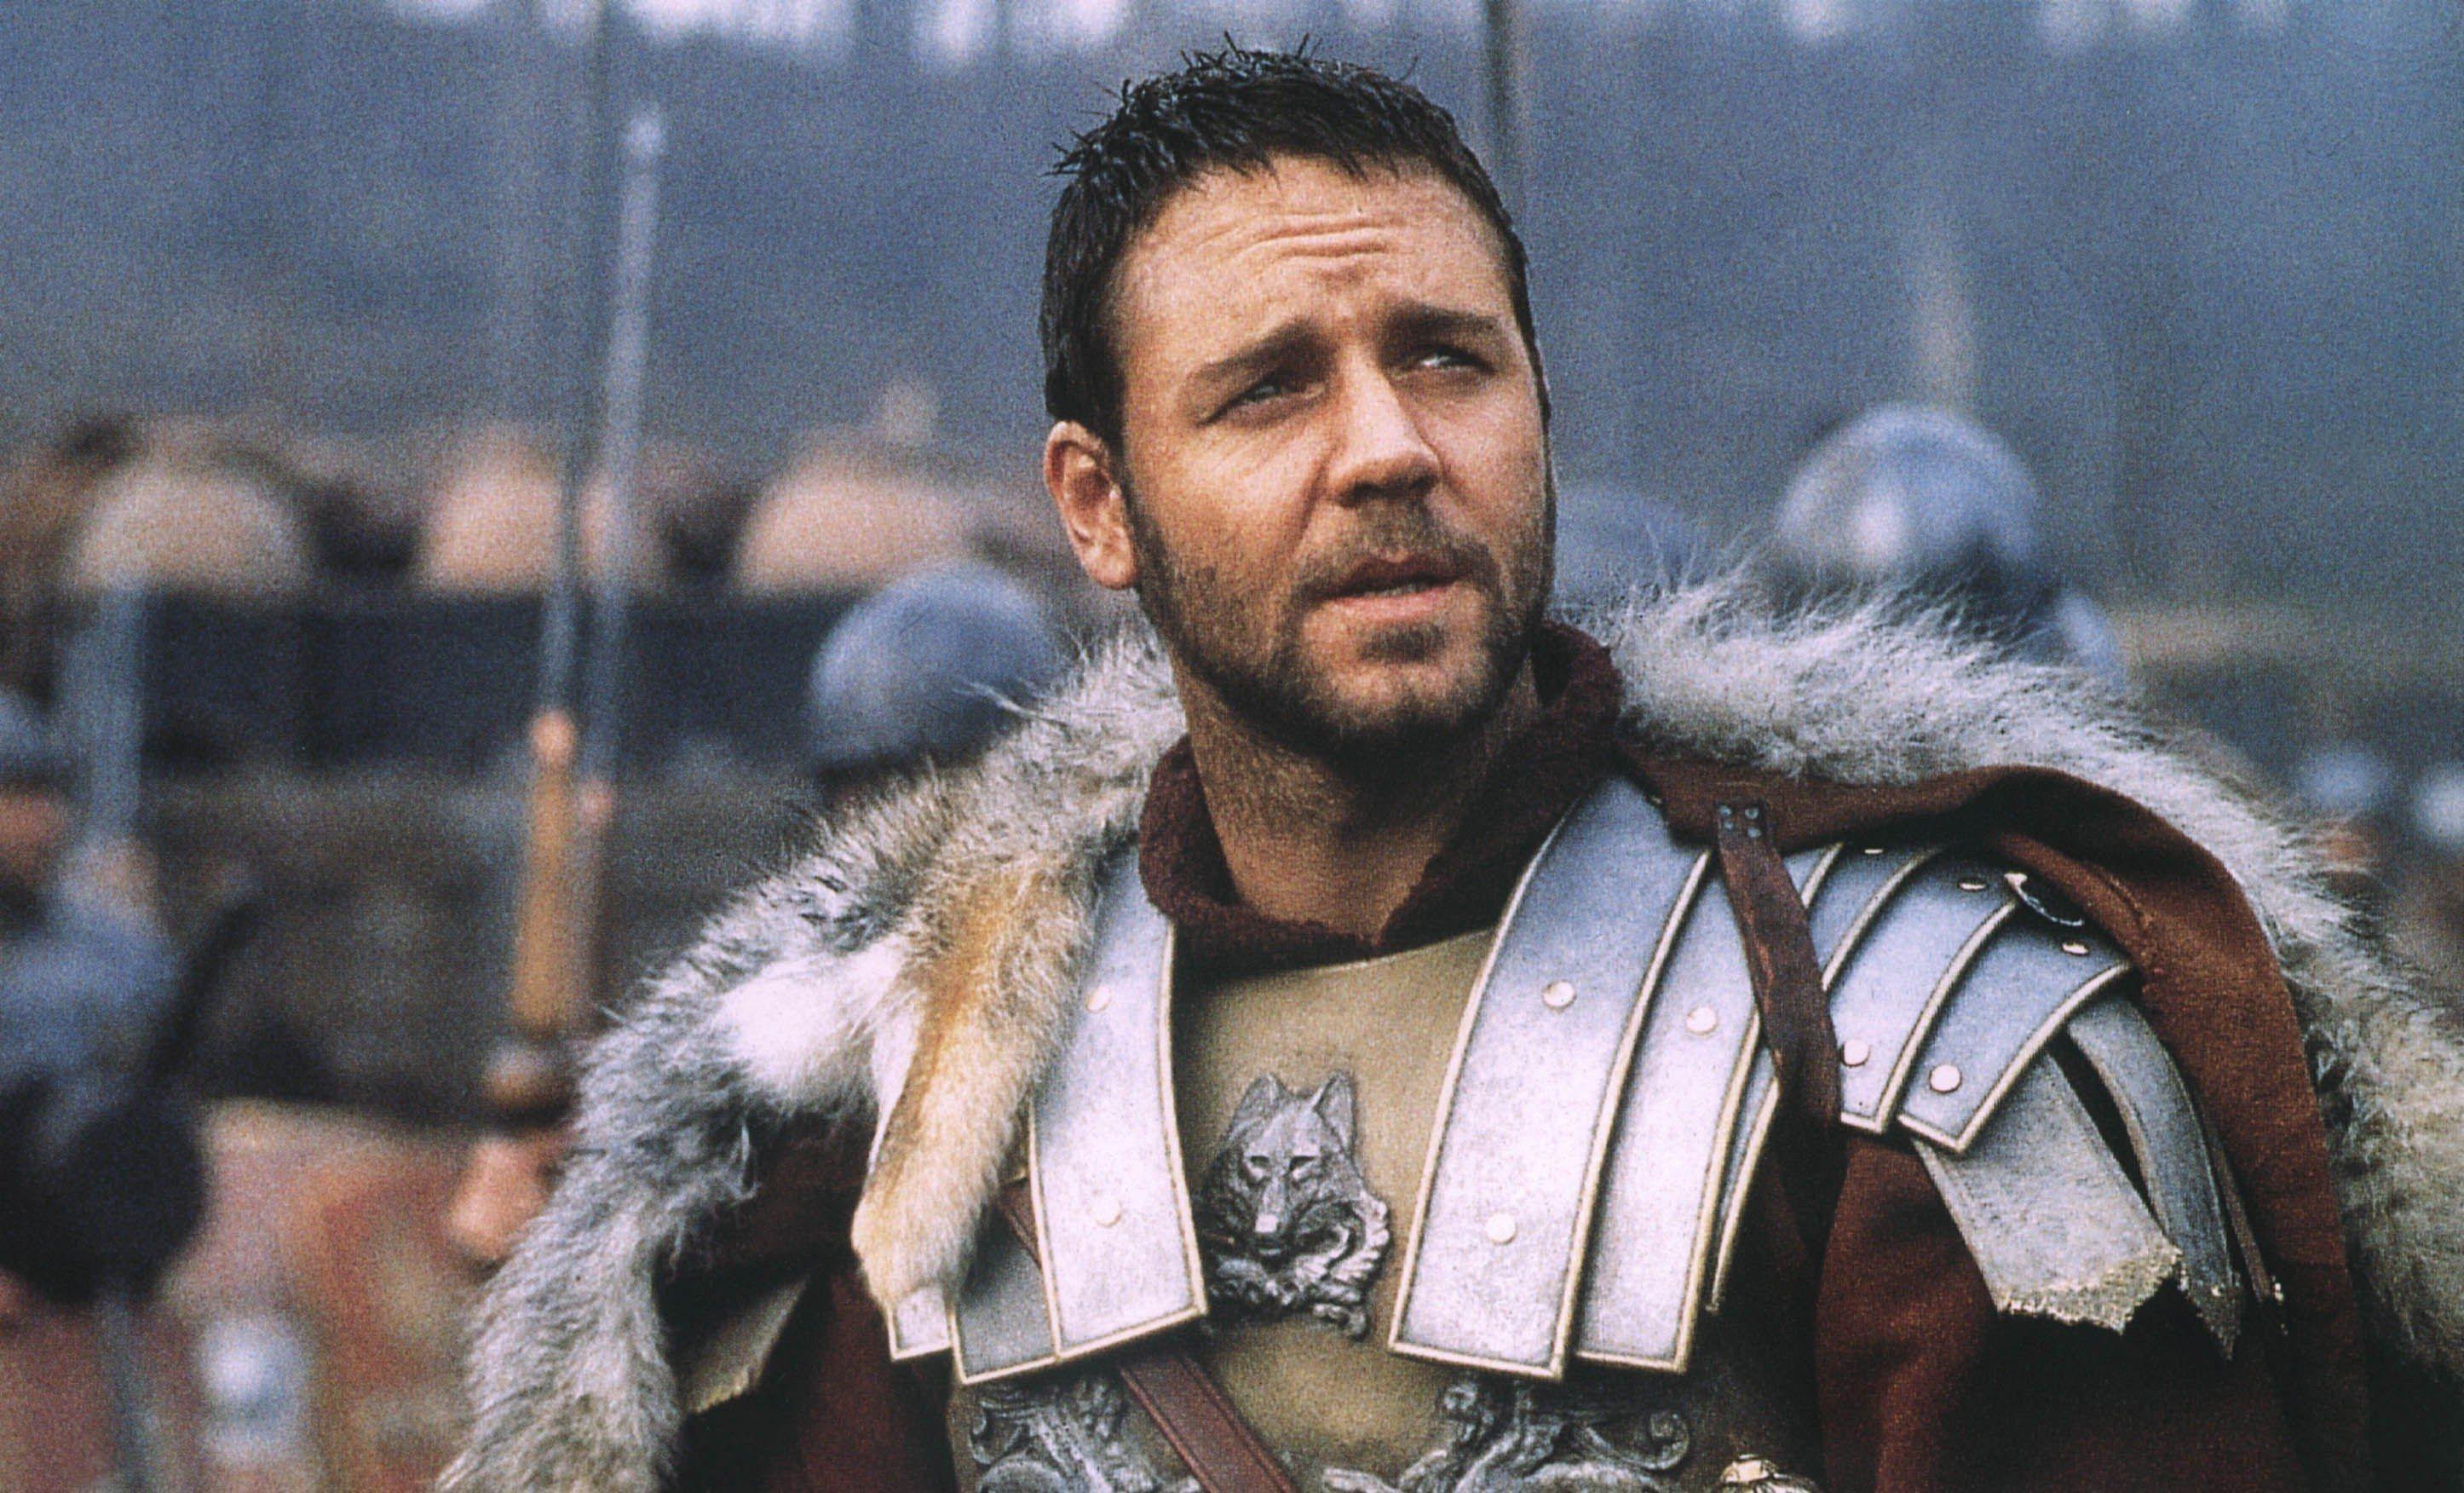 Gladiator 2 Argumento 30 Años Después - Gladiator Trama Tiempo